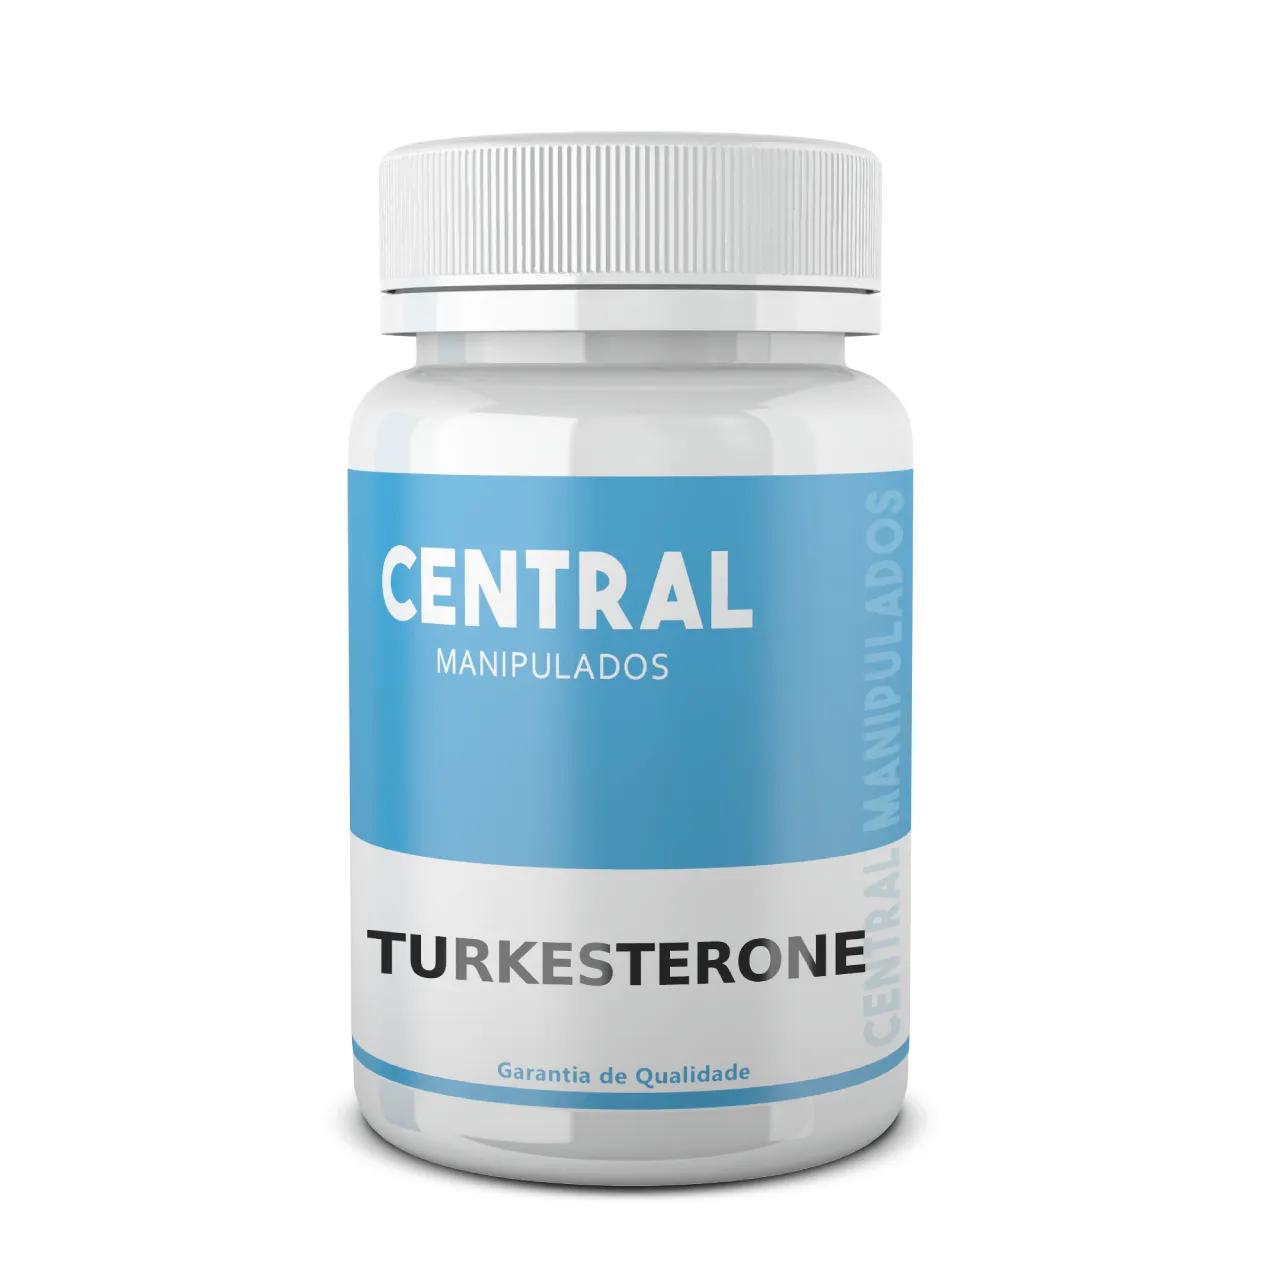 Turkesterone 500mg - 60 Cápsulas - Aumento da Testosterona, Hipertrofia Muscular, Queima de Gordura, Ganho de Massa Magra